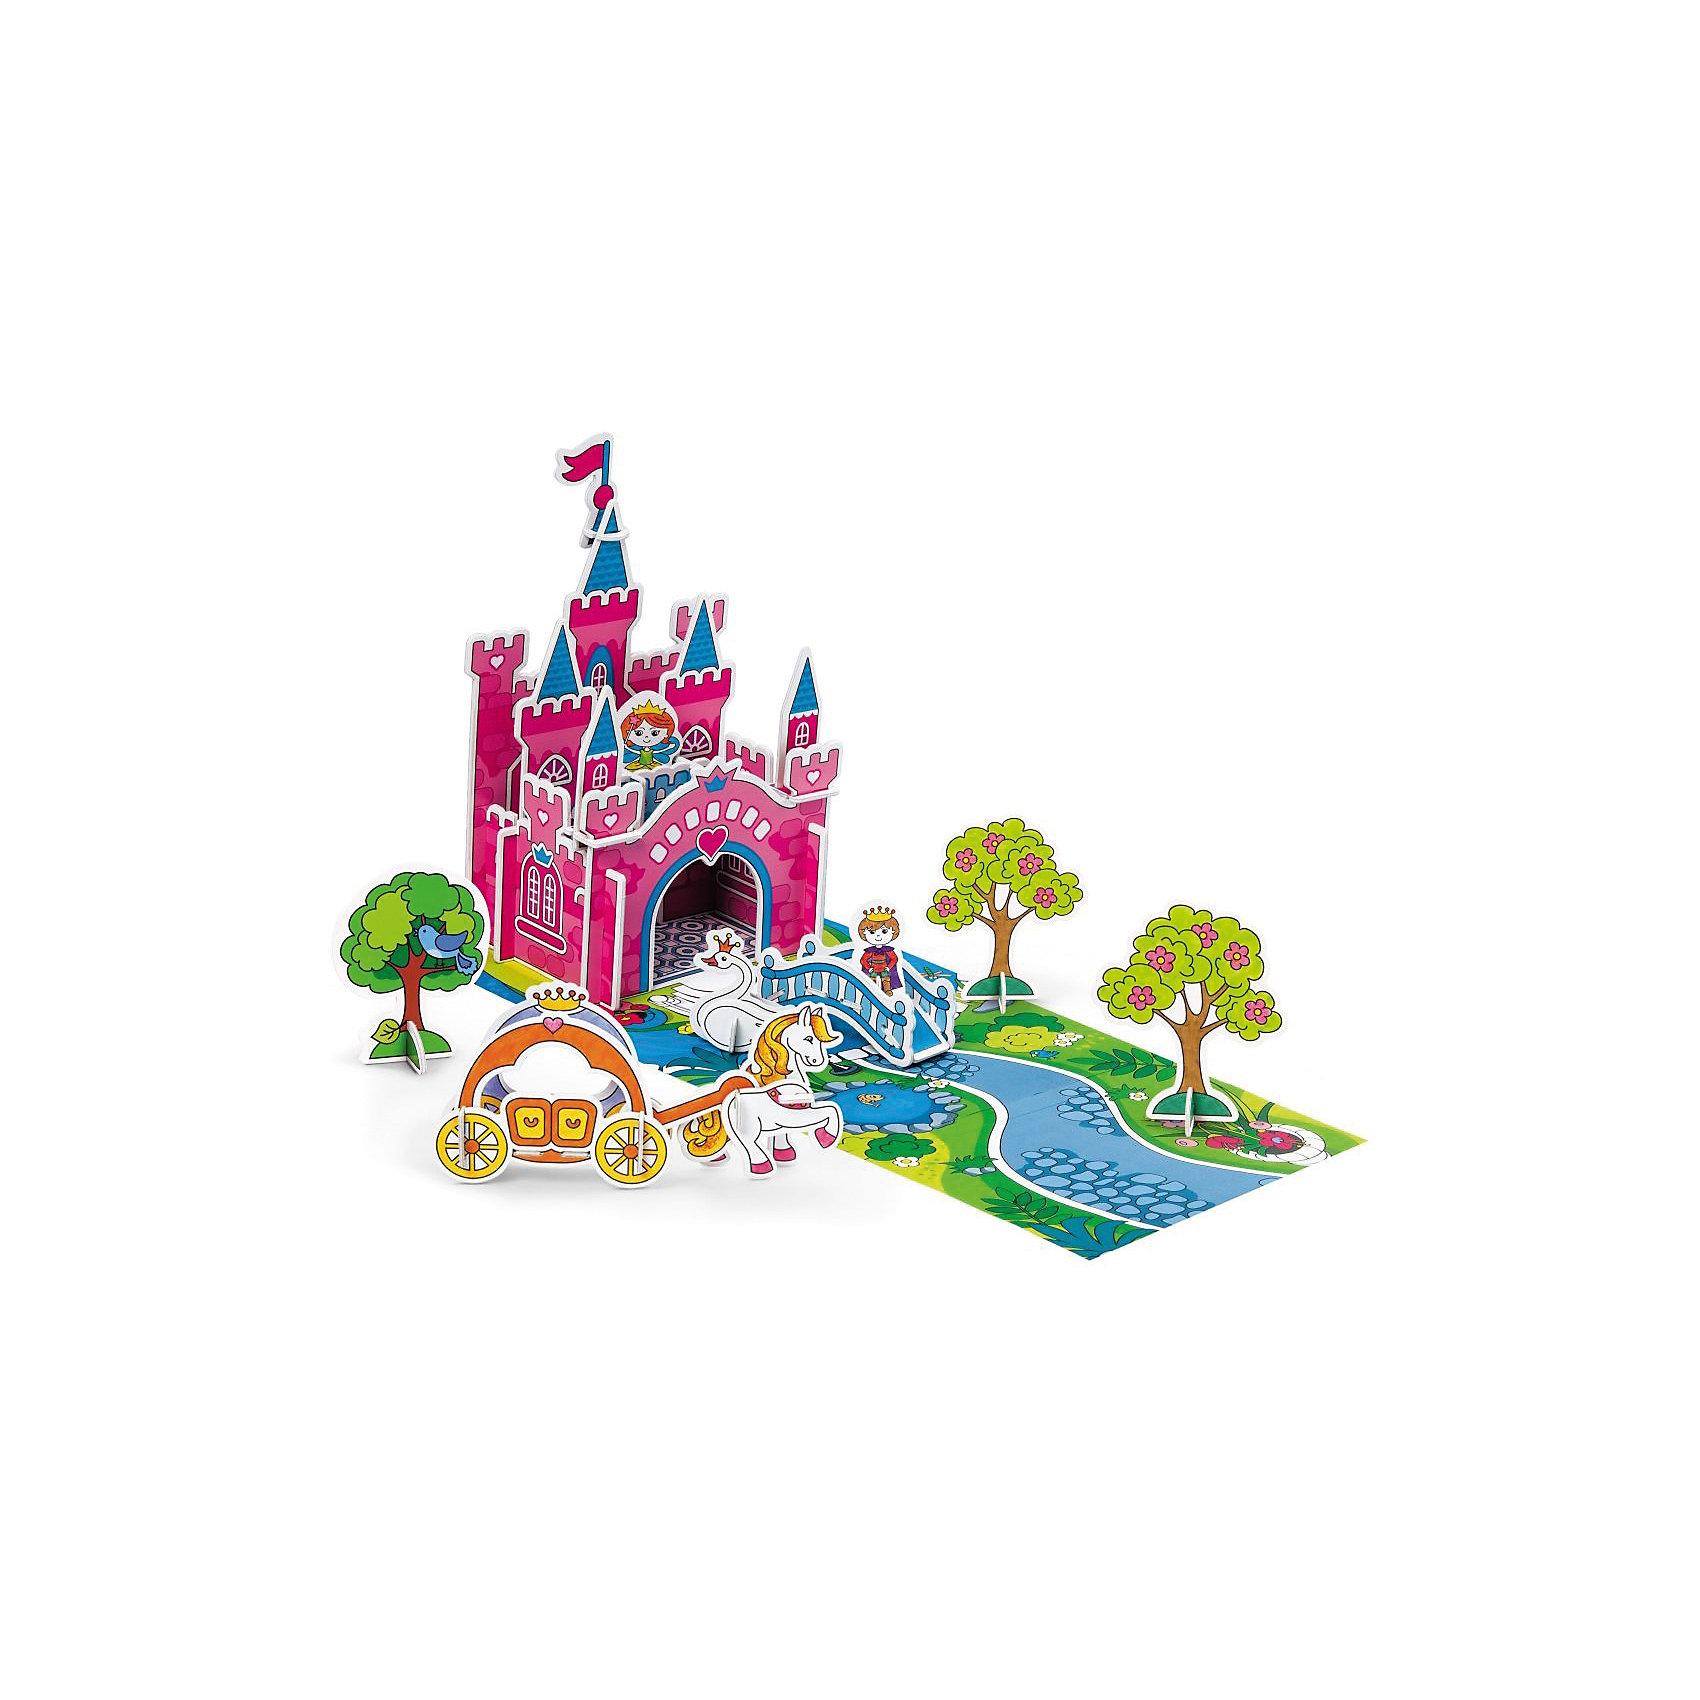 3D Раскраска Загадка королевства Принцессы, ArtberryРукоделие<br>3D Раскраска Загадка королевства Принцессы, Artberry (Артберри) создана специально для девочек, которые любят творчество. Он представляет собой набор карт-шаблонов с объемными деталями замка, принцессы и аксессуарами, которые необходимо раскрасить фломастерами и собрать по инструкции на игровом поле, а затем придумывать увлекательные истории про принцессу и принца.<br><br>Комплектация: 10 разноцветных фломастеров, 6 карт-шаблонов с фигурками животных и аксессуарами замка <br><br>Дополнительная информация:<br>-Вес в упаковке: 581 г<br>-Размеры в упаковке: 335х230х44 мм<br>-Материалы: картон, пластик, чернила<br><br>Такой творческий набор станет отличным подарком, который доставит настоящую радость детям и откроет новые возможности для развития творческих способностей Вашего ребенка!<br><br>3D Раскраска Загадка королевства Принцессы, Artberry (Артберри) можно купить в нашем магазине.<br><br>Ширина мм: 335<br>Глубина мм: 230<br>Высота мм: 44<br>Вес г: 581<br>Возраст от месяцев: 36<br>Возраст до месяцев: 144<br>Пол: Унисекс<br>Возраст: Детский<br>SKU: 4058313